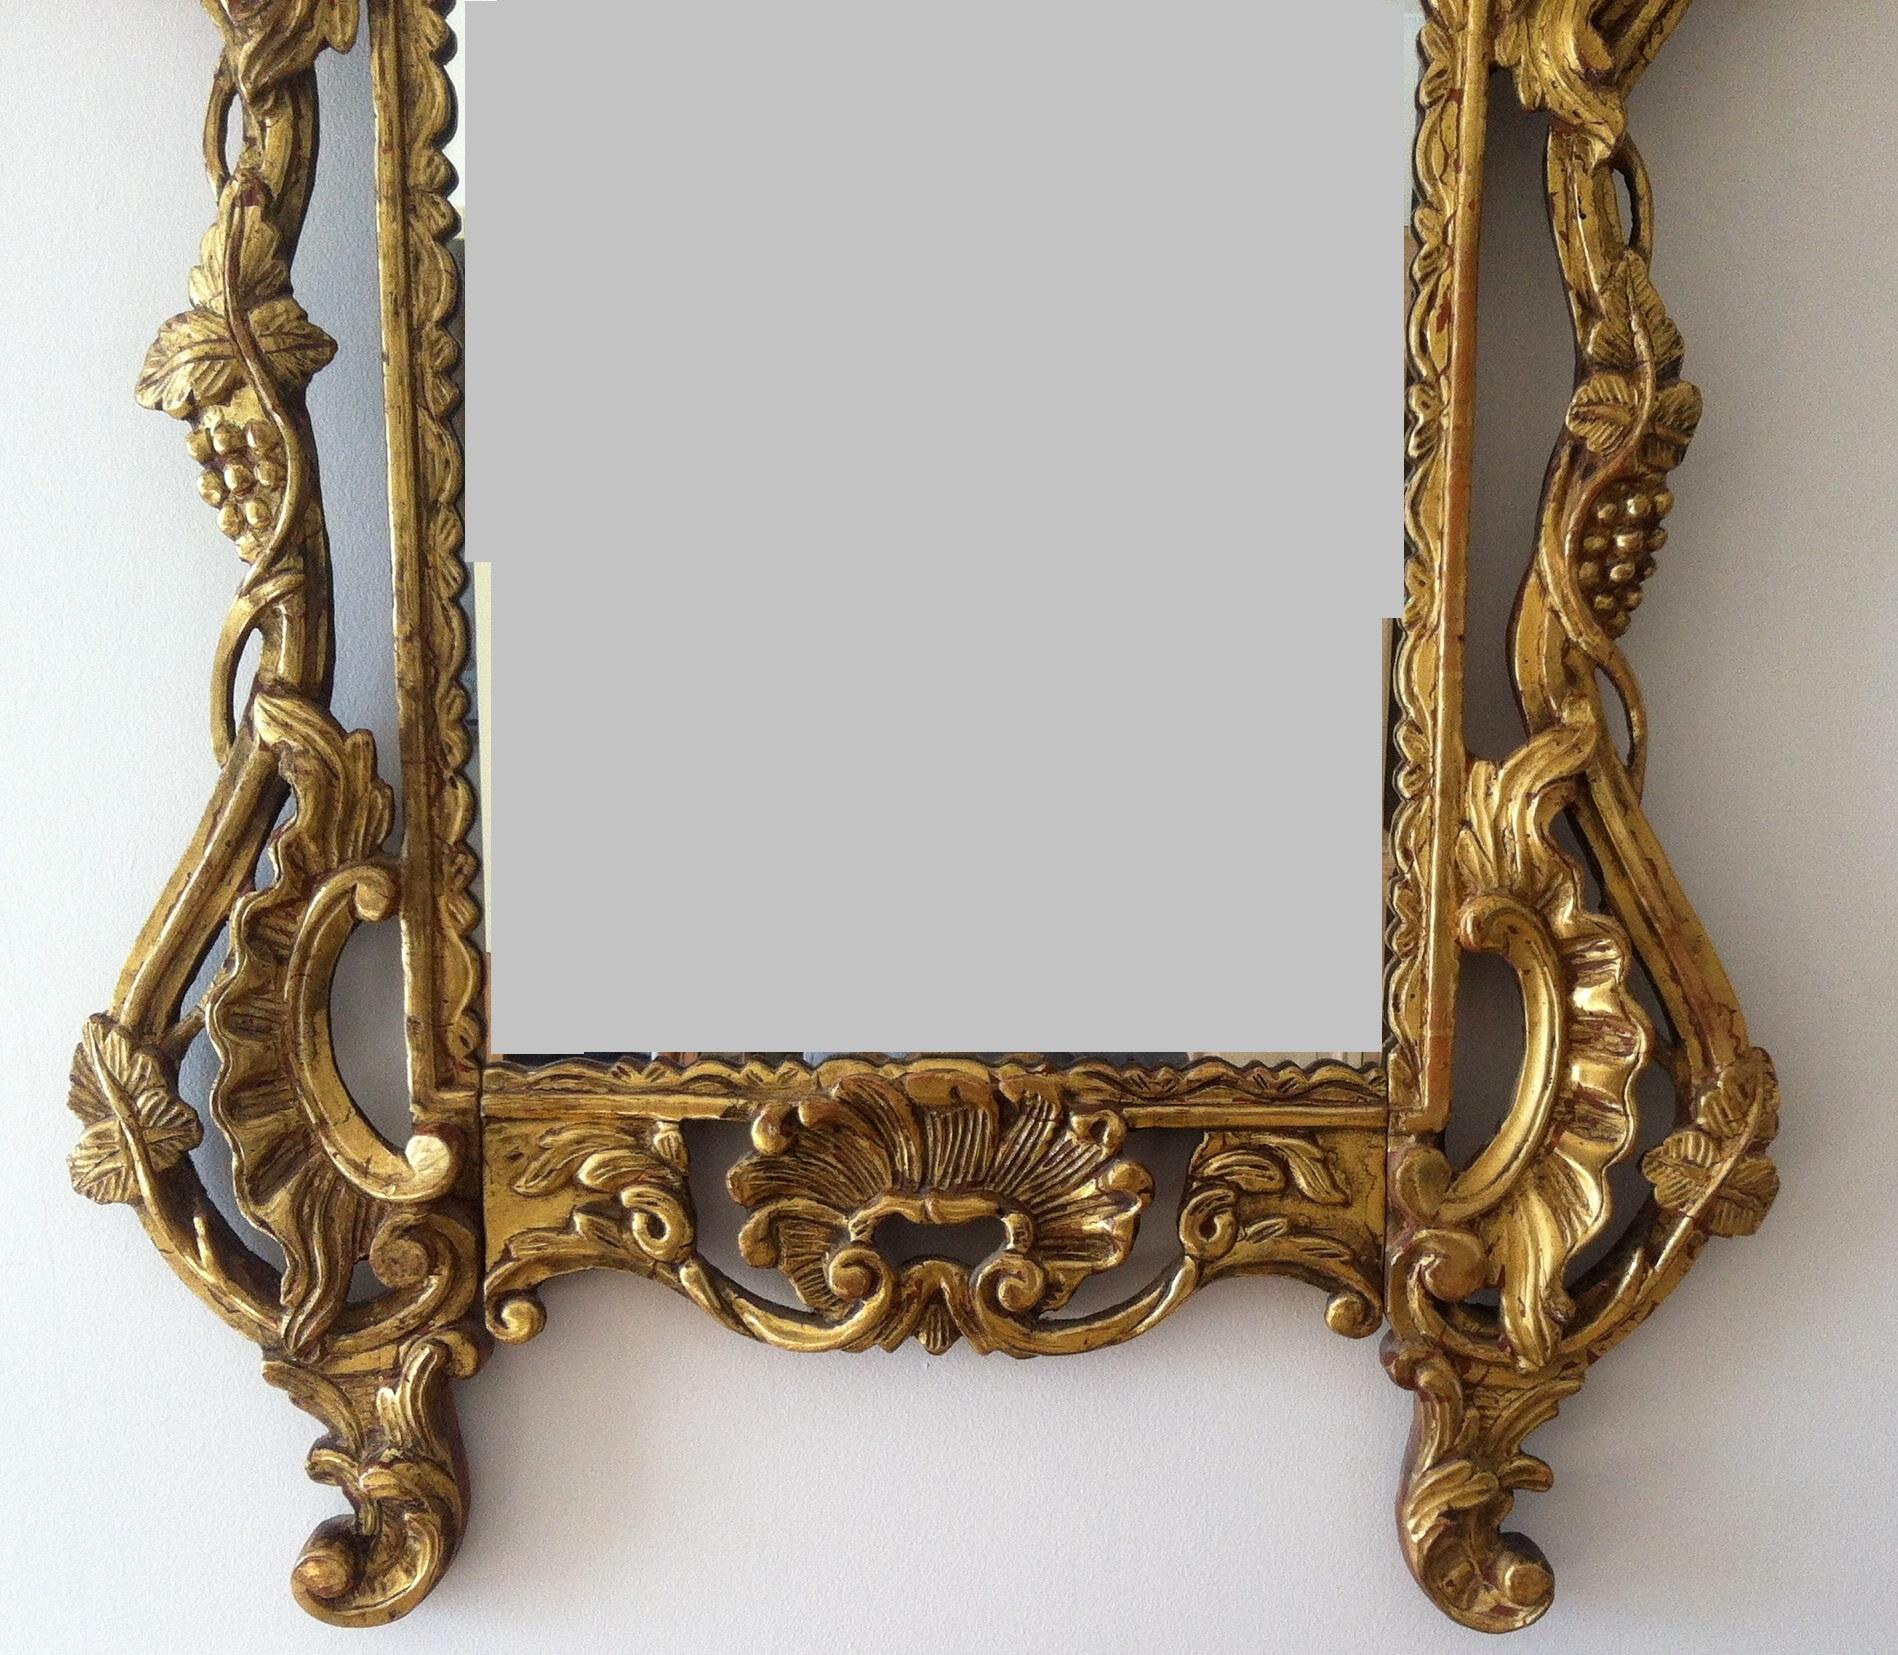 Miroir style louis xv rocailles circa 1900 for Miroir style